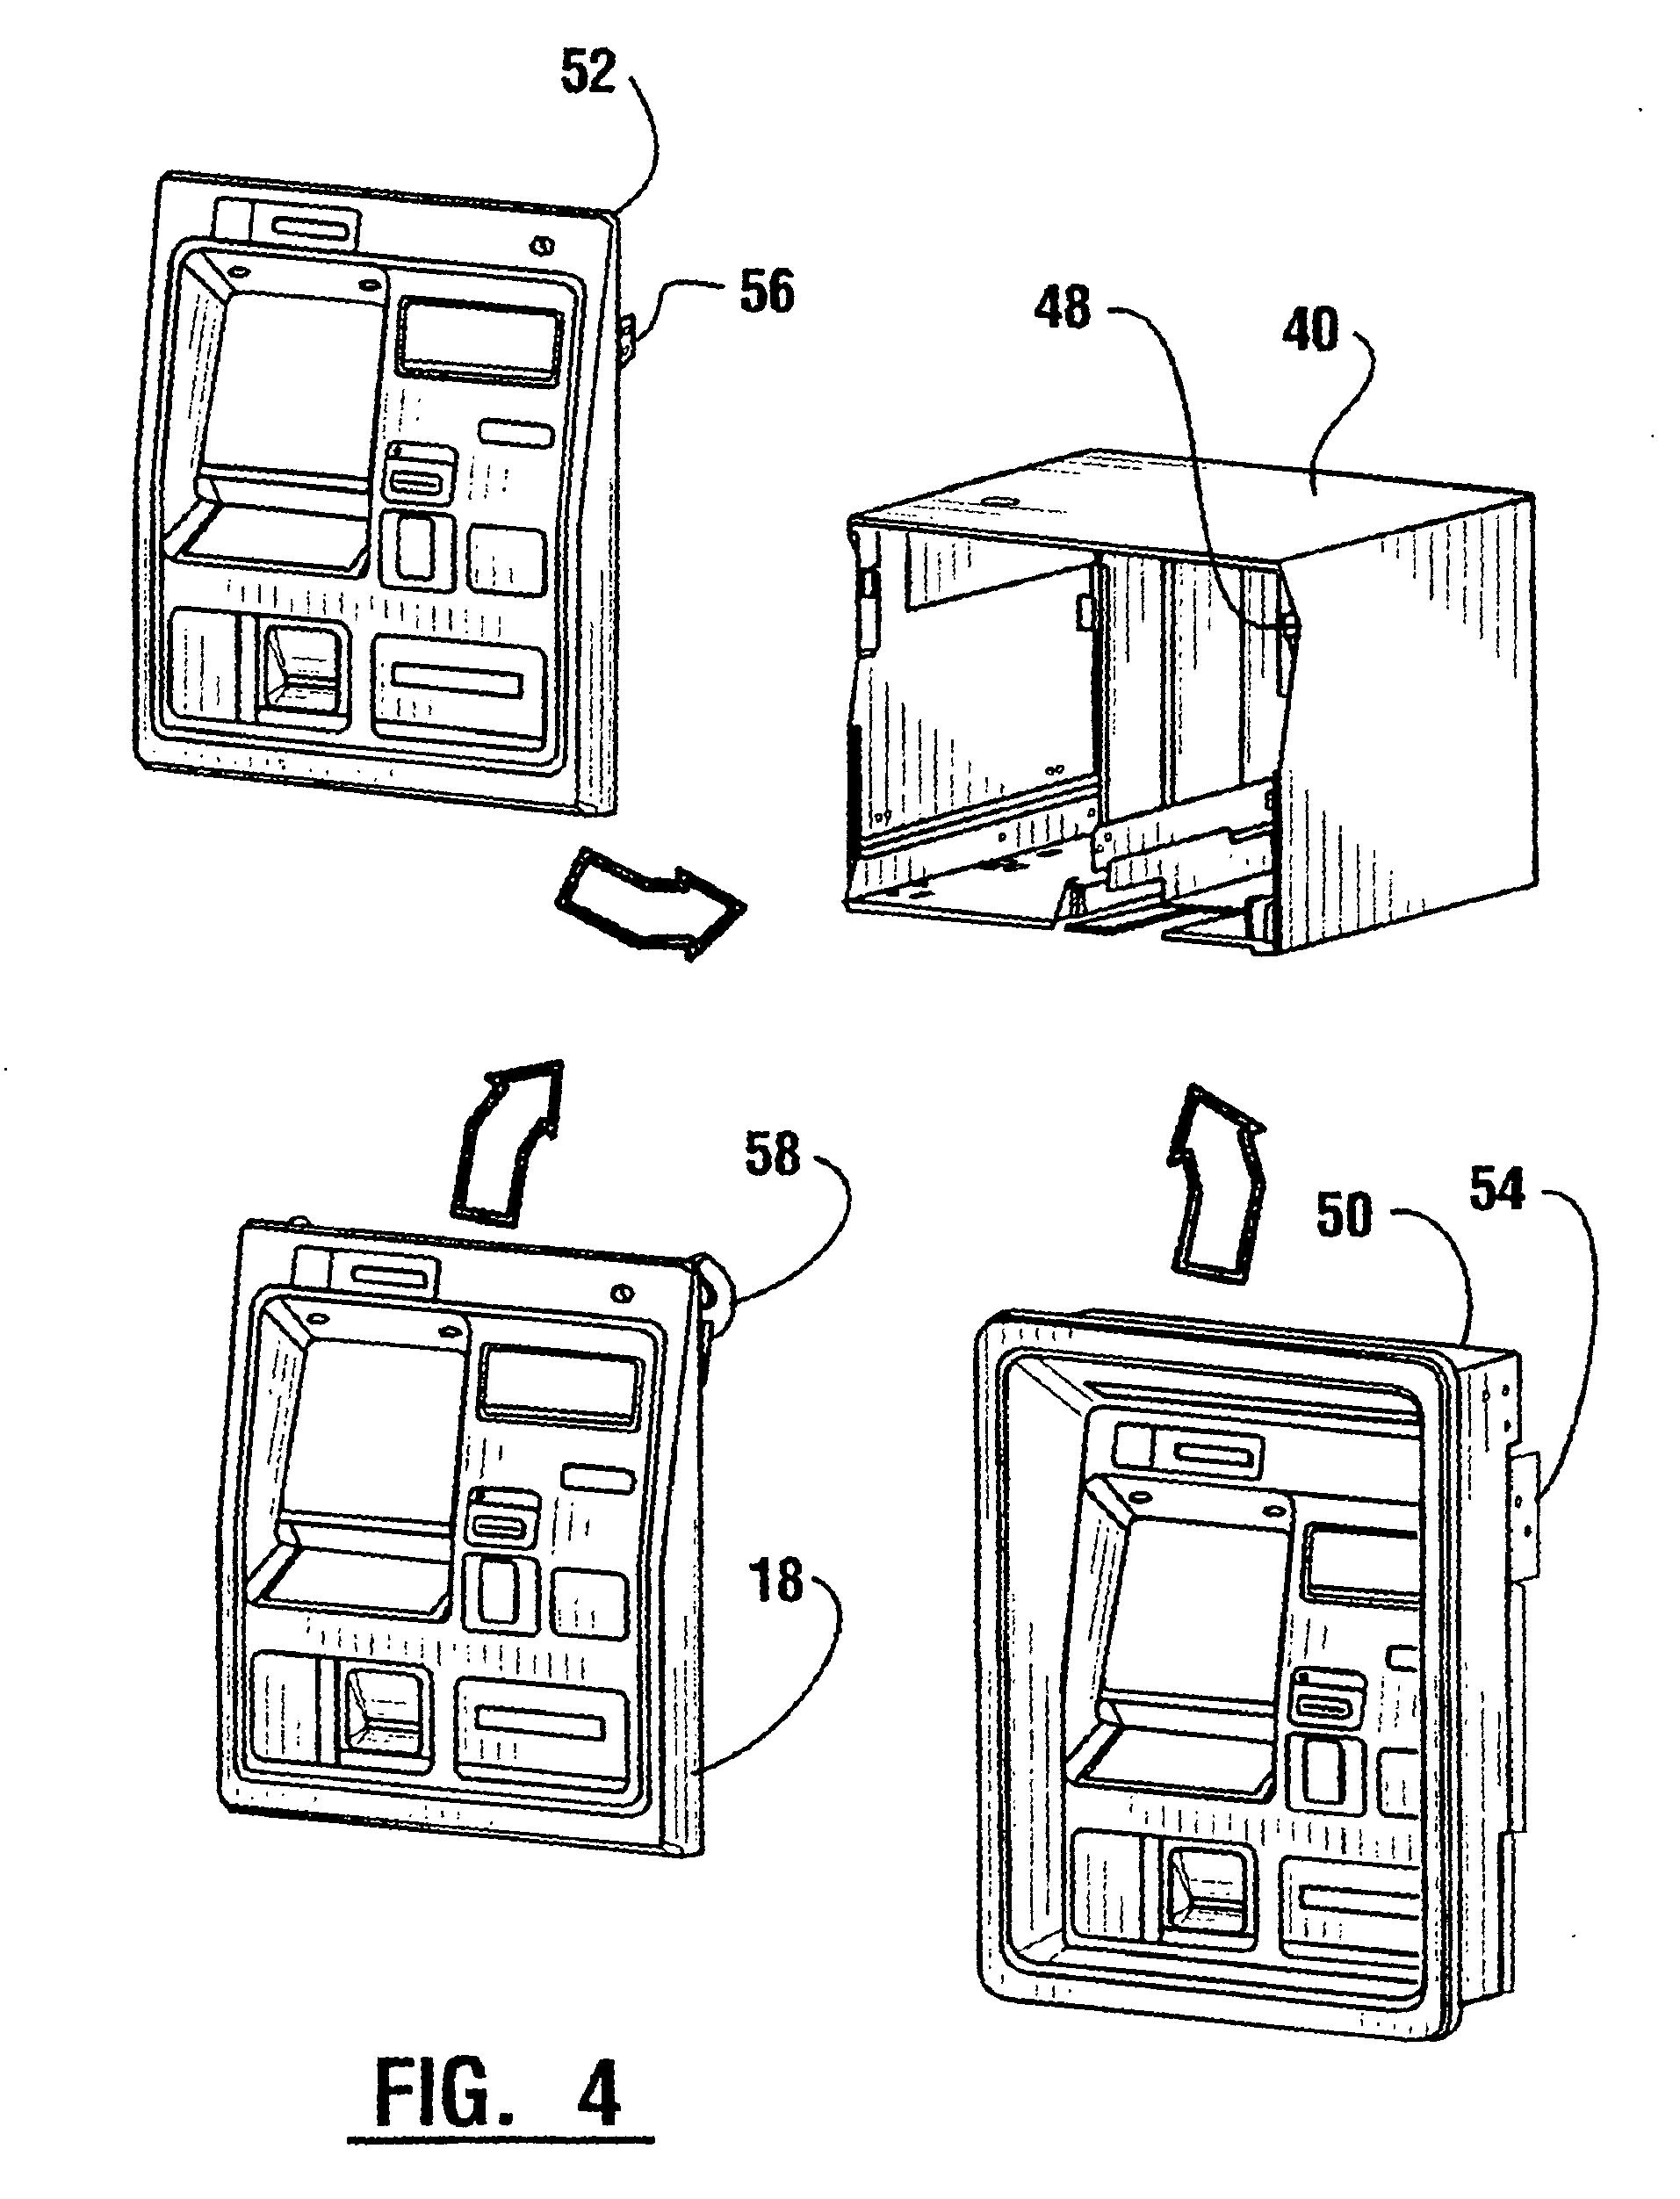 patent ep0750772b1 geldautomat mit schubladen ber die halbe breite google patentsuche. Black Bedroom Furniture Sets. Home Design Ideas